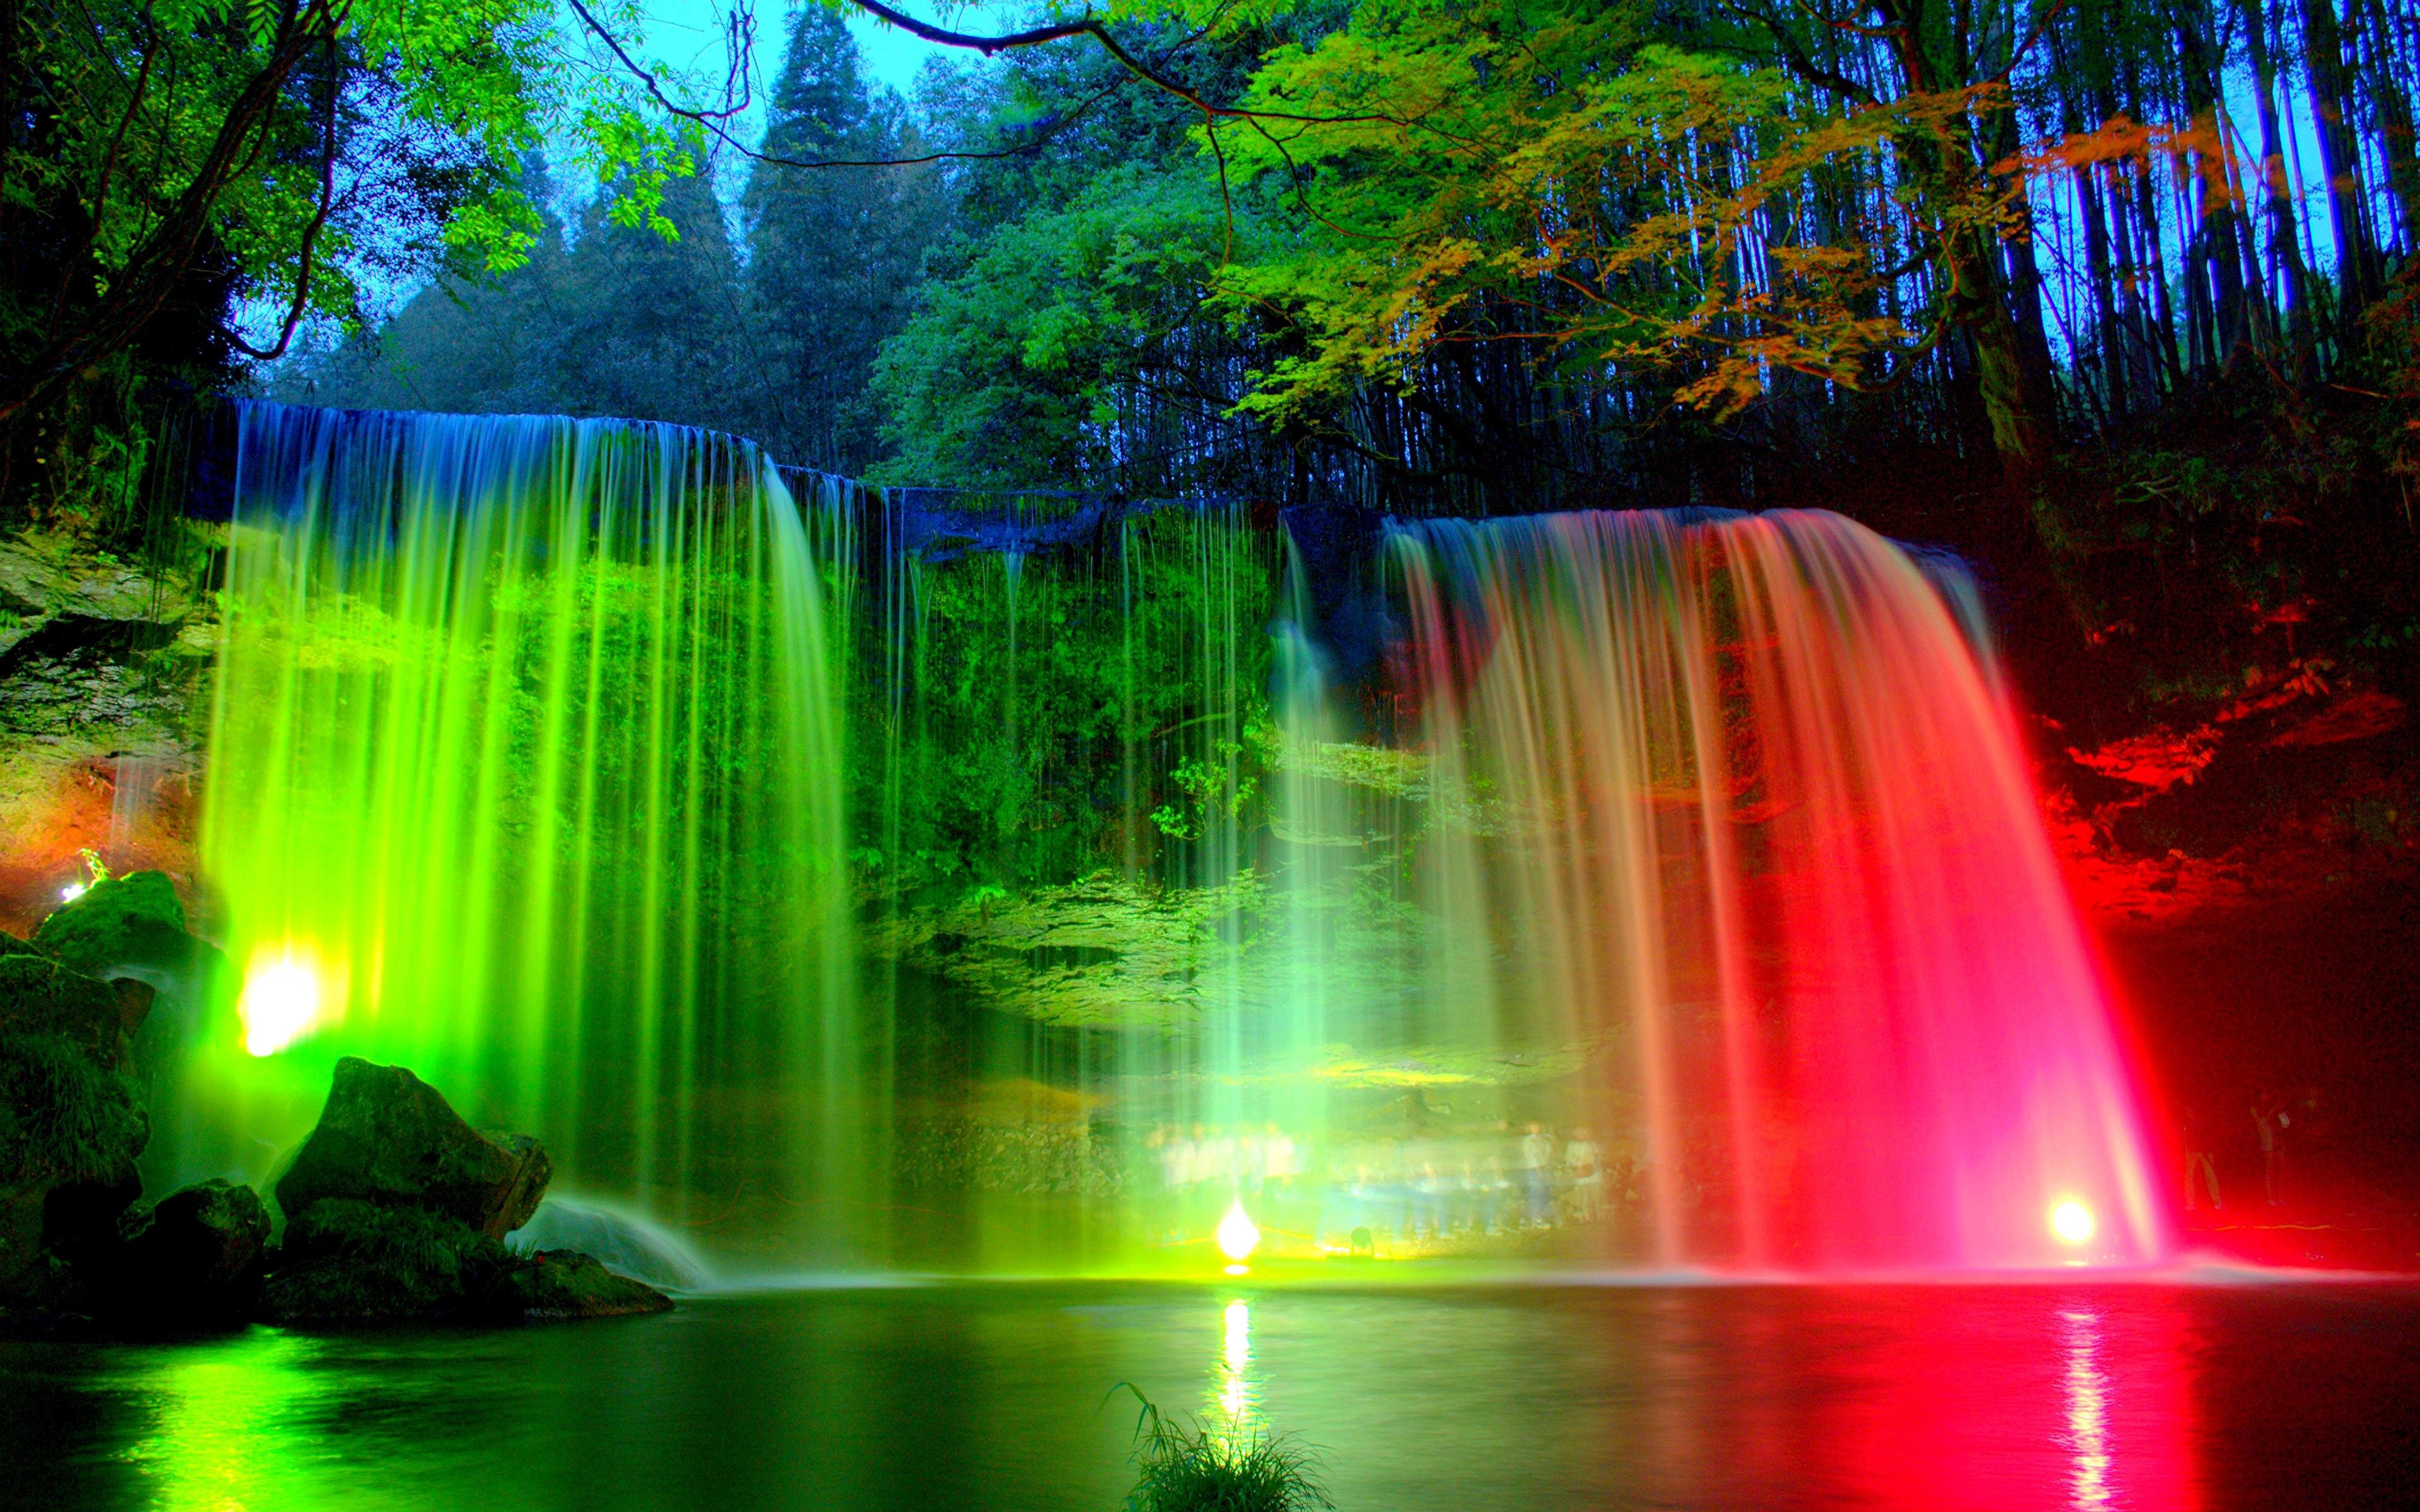 природа водопад деревья радуга  № 70410 загрузить